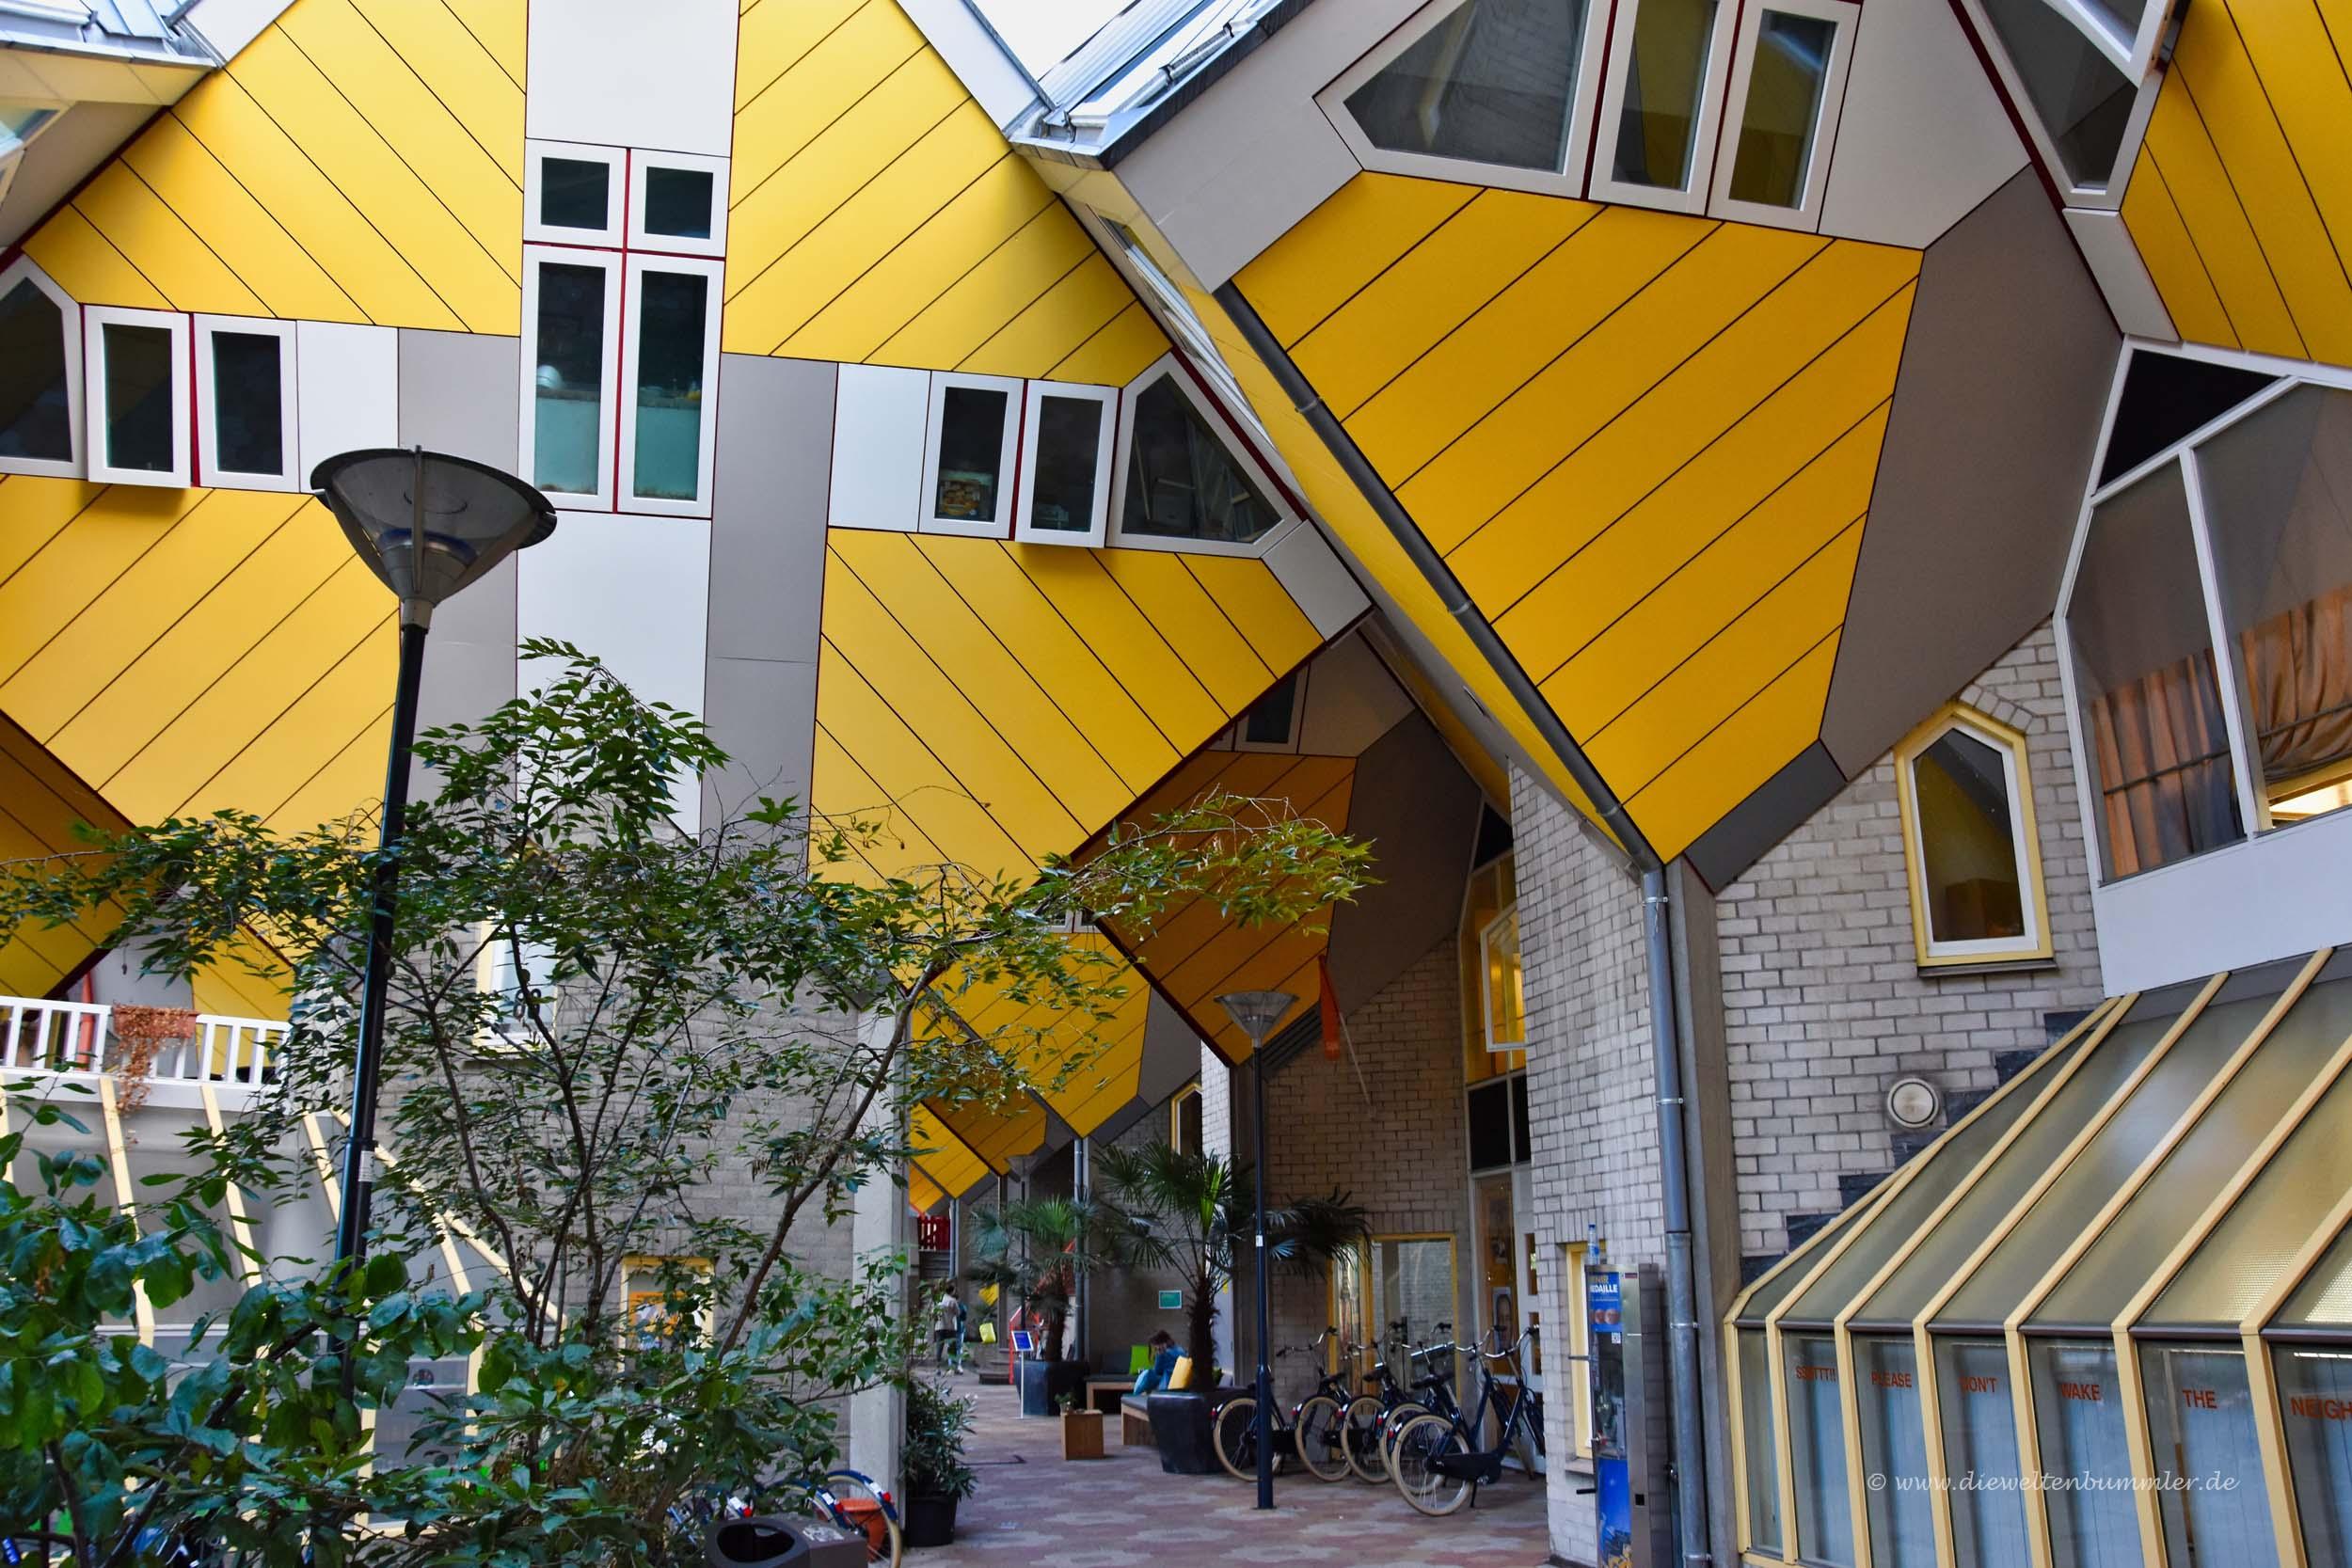 Wohnviertel der Kubushäuser